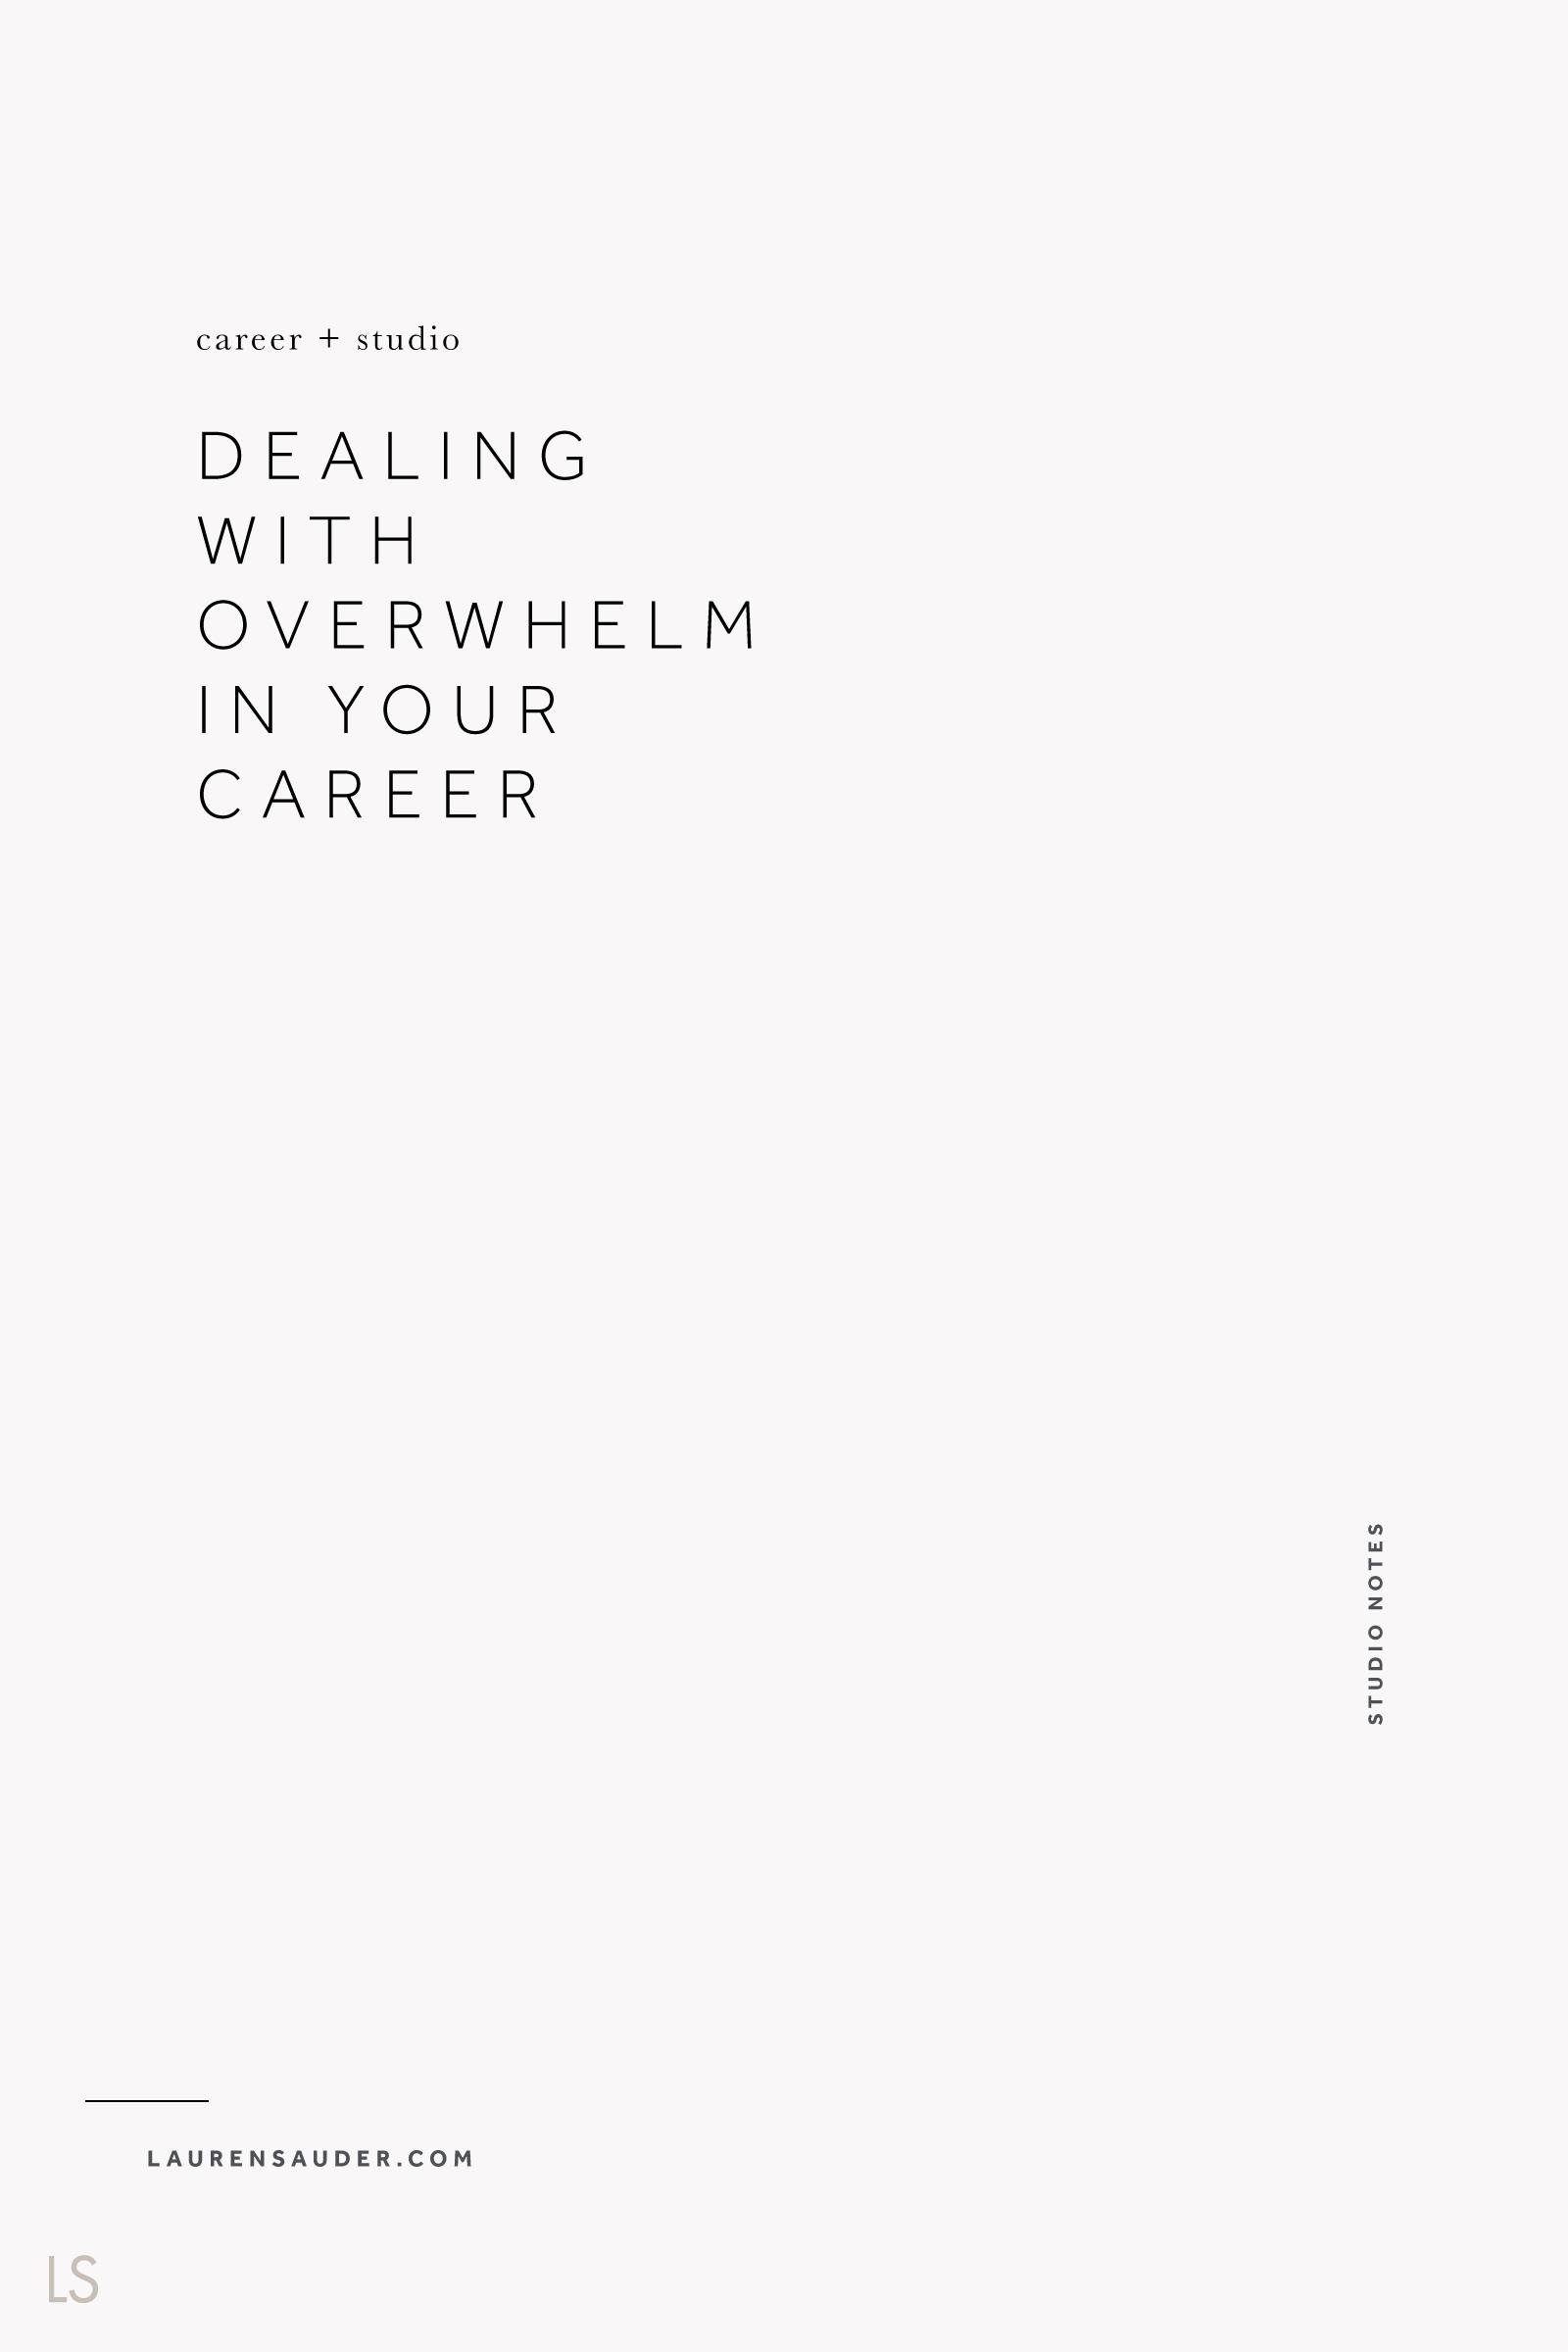 Dealing With Overwhelm in Your Career - Lauren Sauder #overwhelm #businessowner dealing with overwhelm, feeling overwhelmed, overwhelmed entrepreneur, dealing with the stress of business